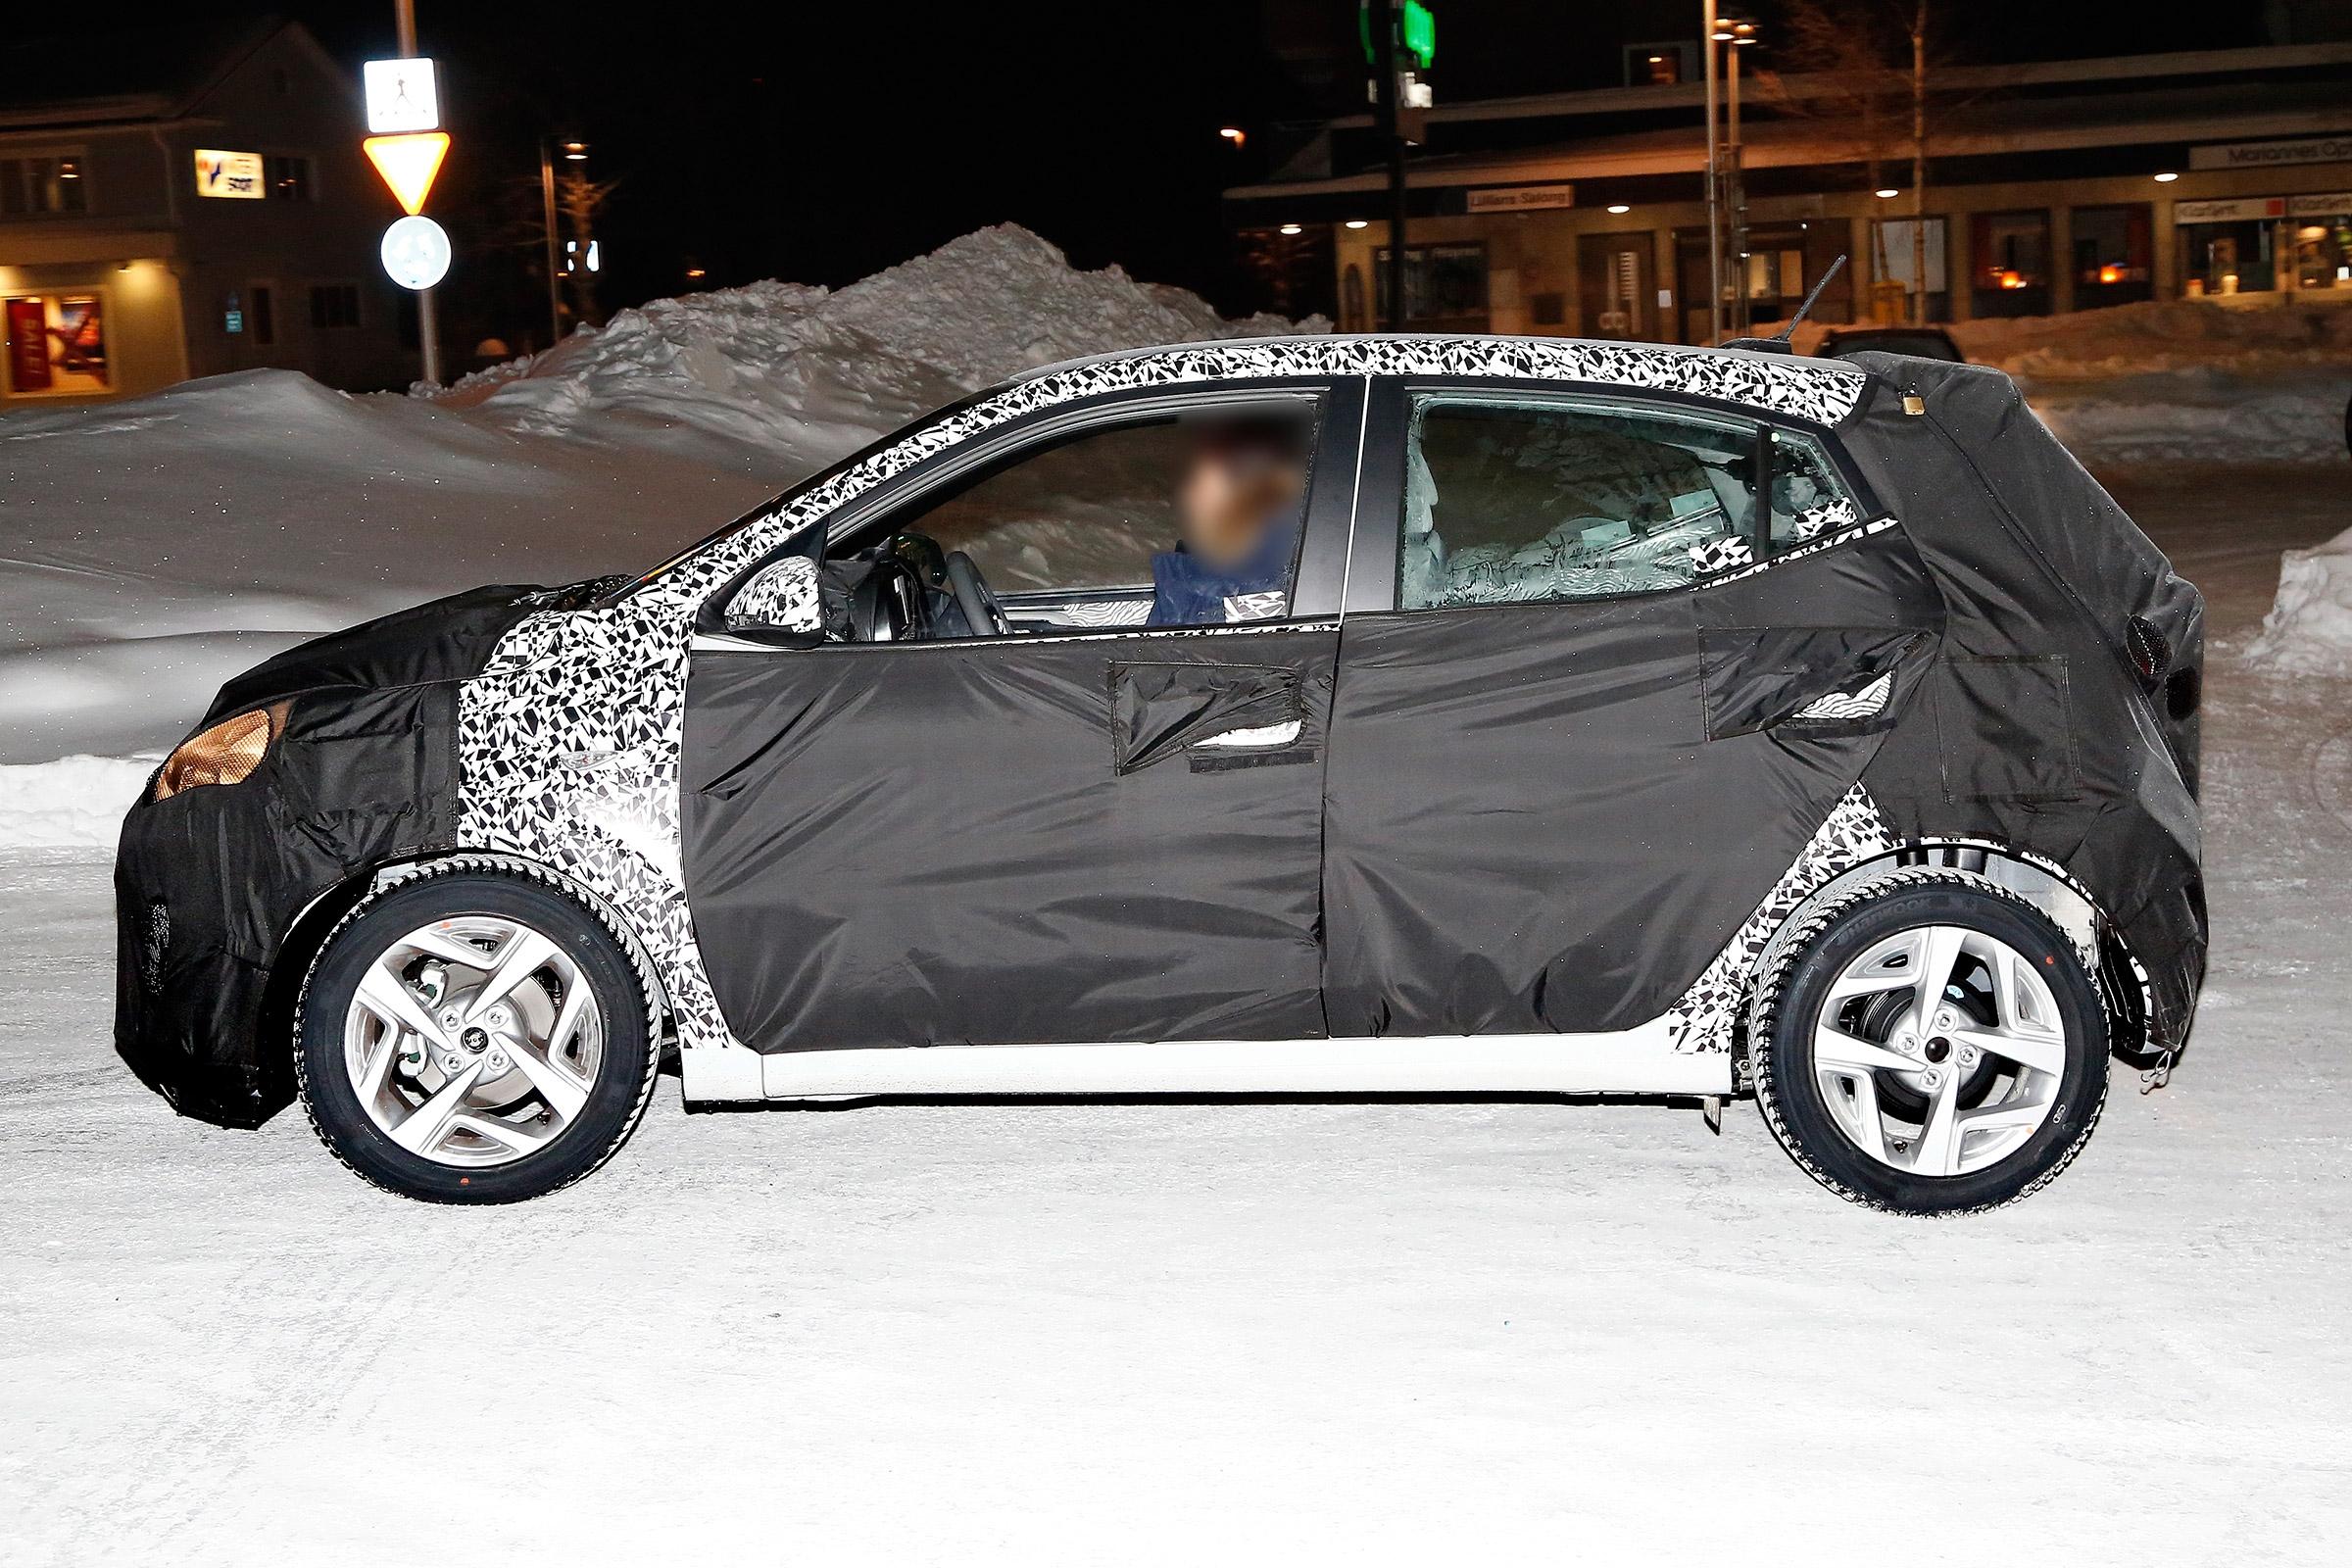 Hyundai Derniers Modèles >> La Nouvelle Hyundai I10 Apercue Sur Les Routes Suedoises